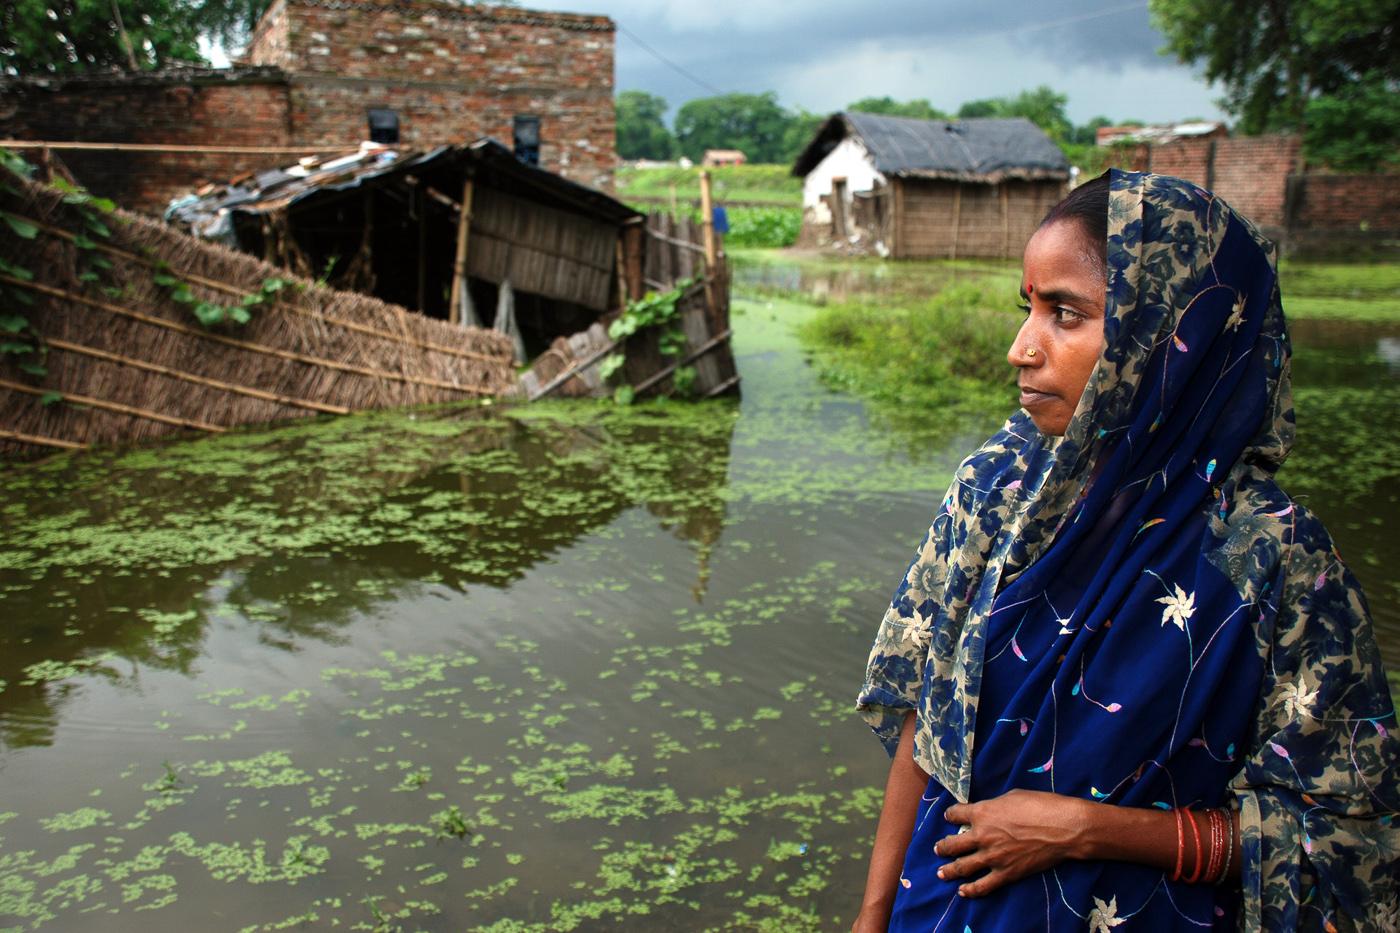 Testamente können zugunsten der Stiftung Hilfe mit Plan aufgesetzt werden, um sich für benachteiligte Menschen zu engagieren